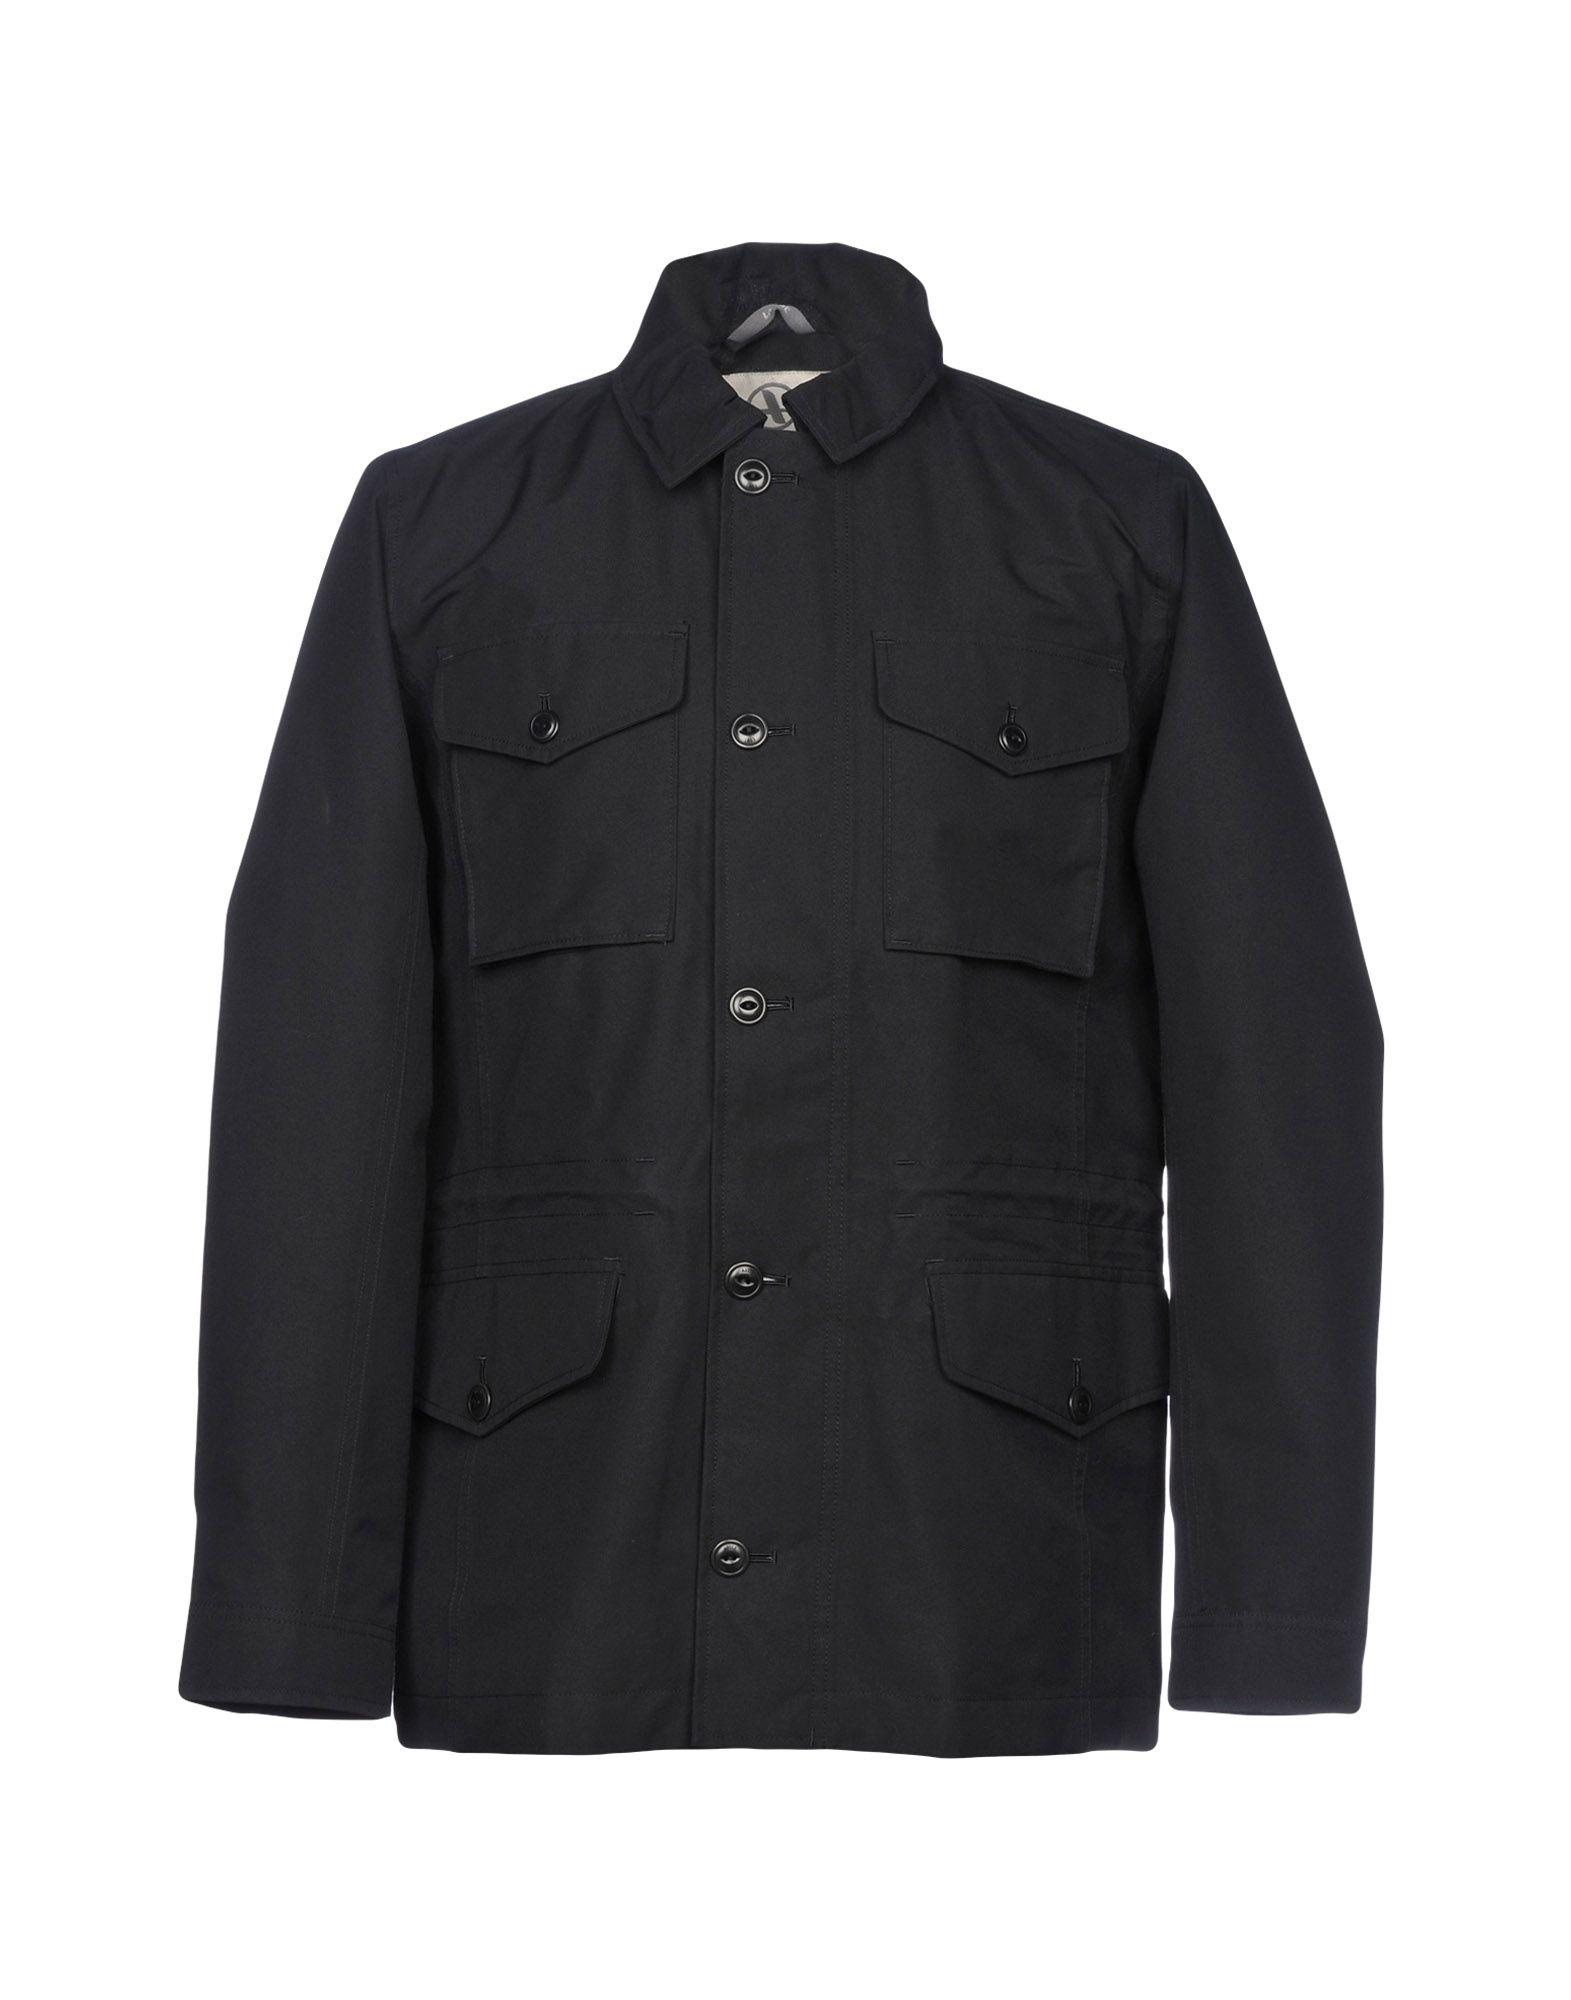 AIGLE Overcoats in Black